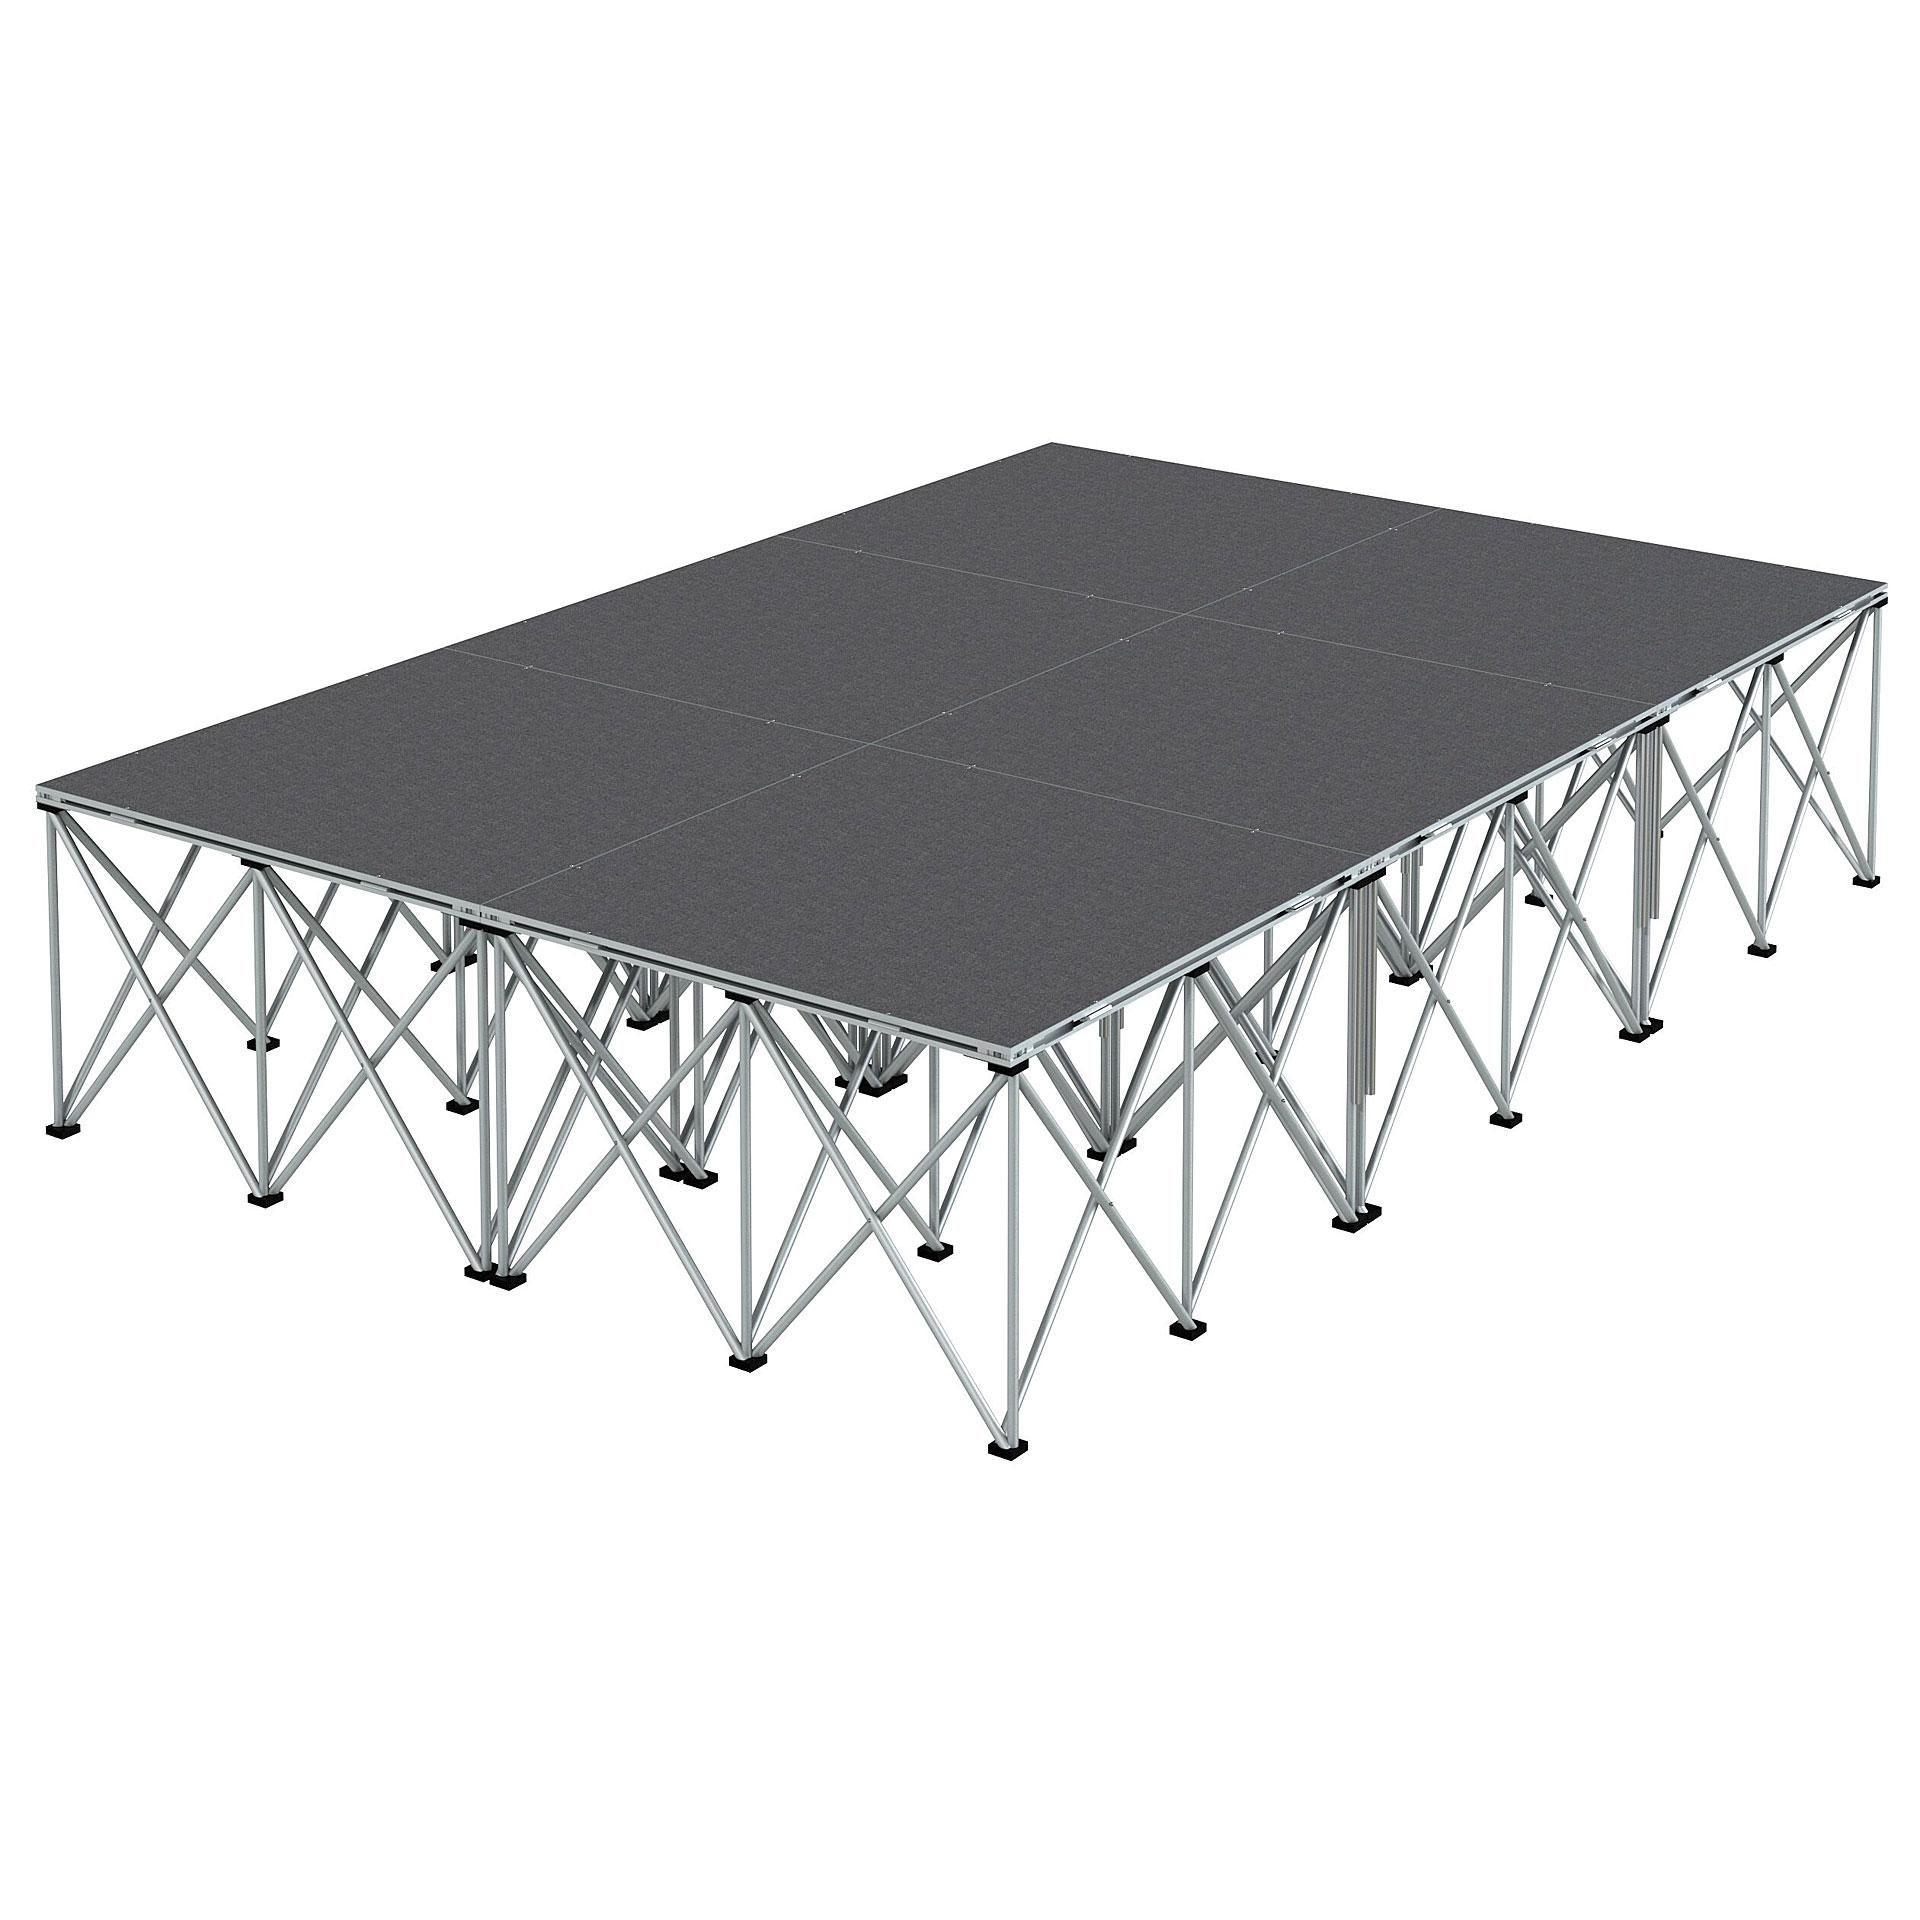 intellistage b hne 2 x 3 m teppich b hnenpodest. Black Bedroom Furniture Sets. Home Design Ideas